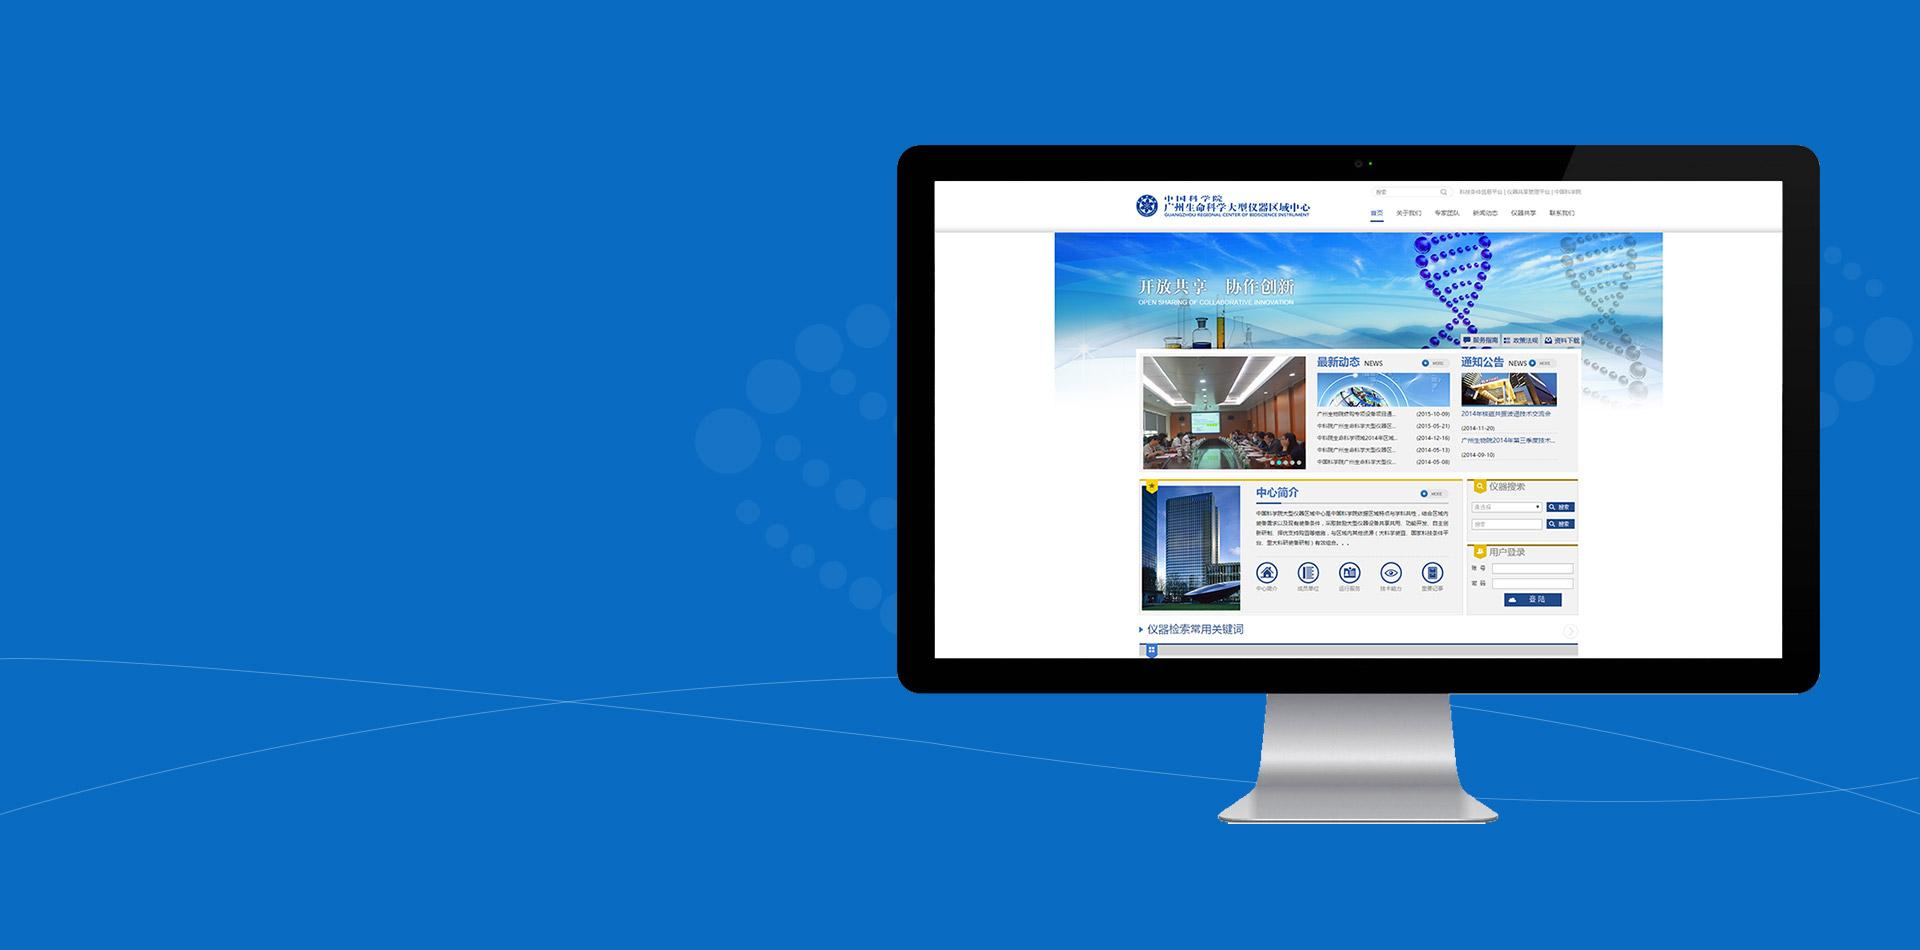 中国科学院广州生命科学大型仪器区域中心网站设计